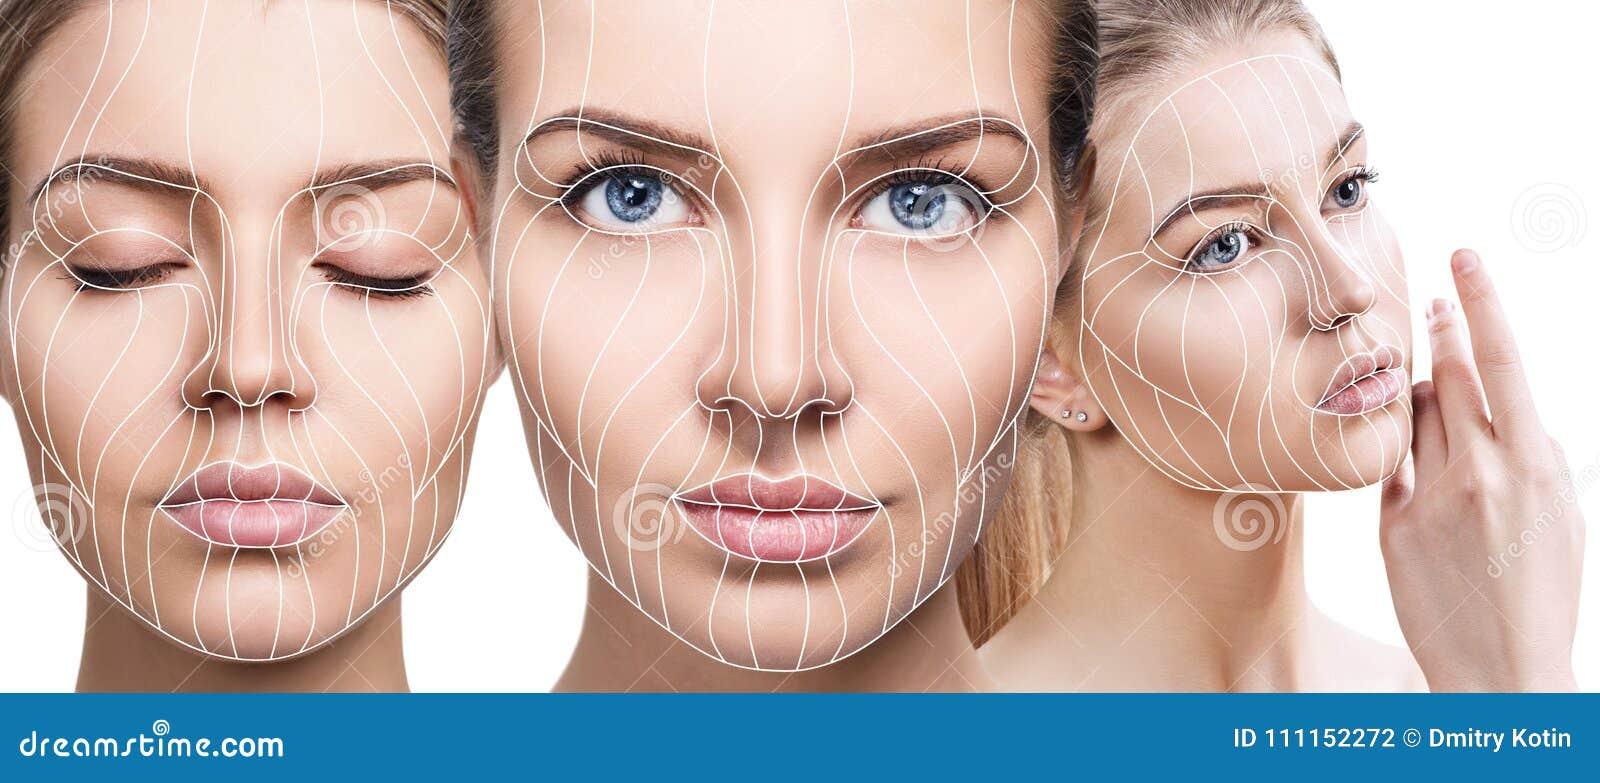 Linhas gráficas que mostram o efeito de levantamento facial na pele